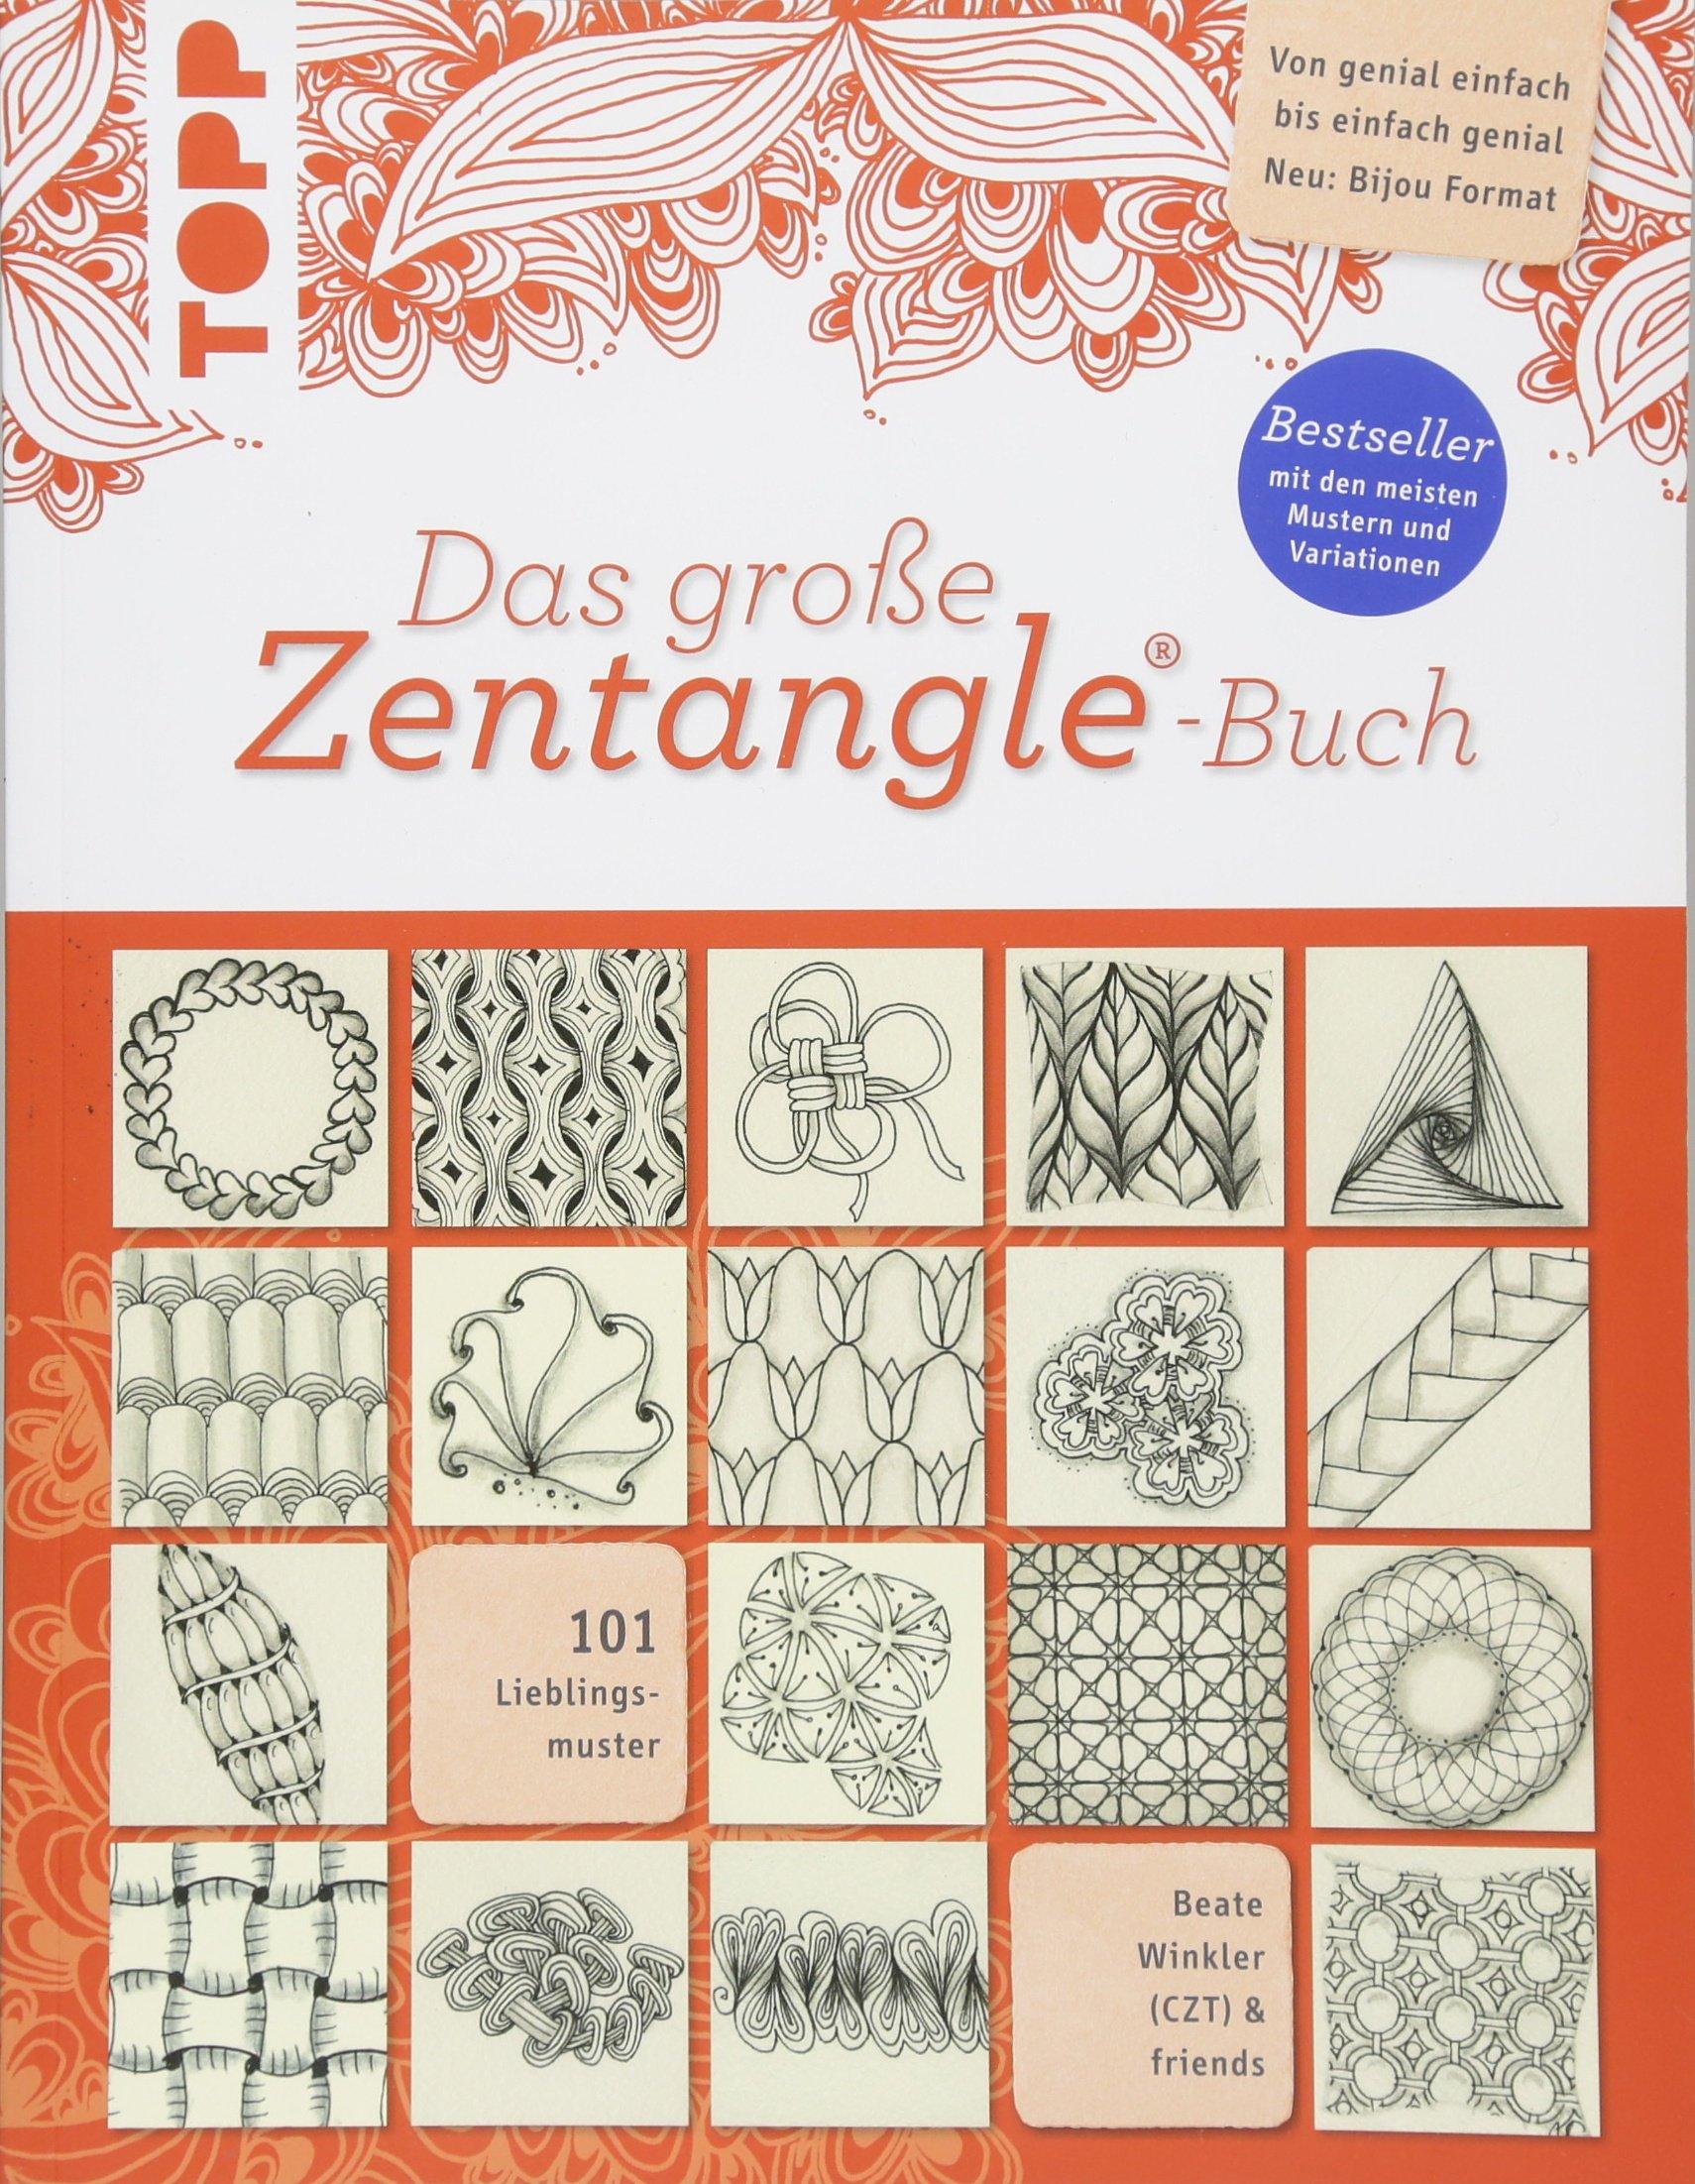 das-grosse-zentangle-buch-101-lieblingsmuster-von-genial-einfach-bis-einfach-genial-neu-bijou-format